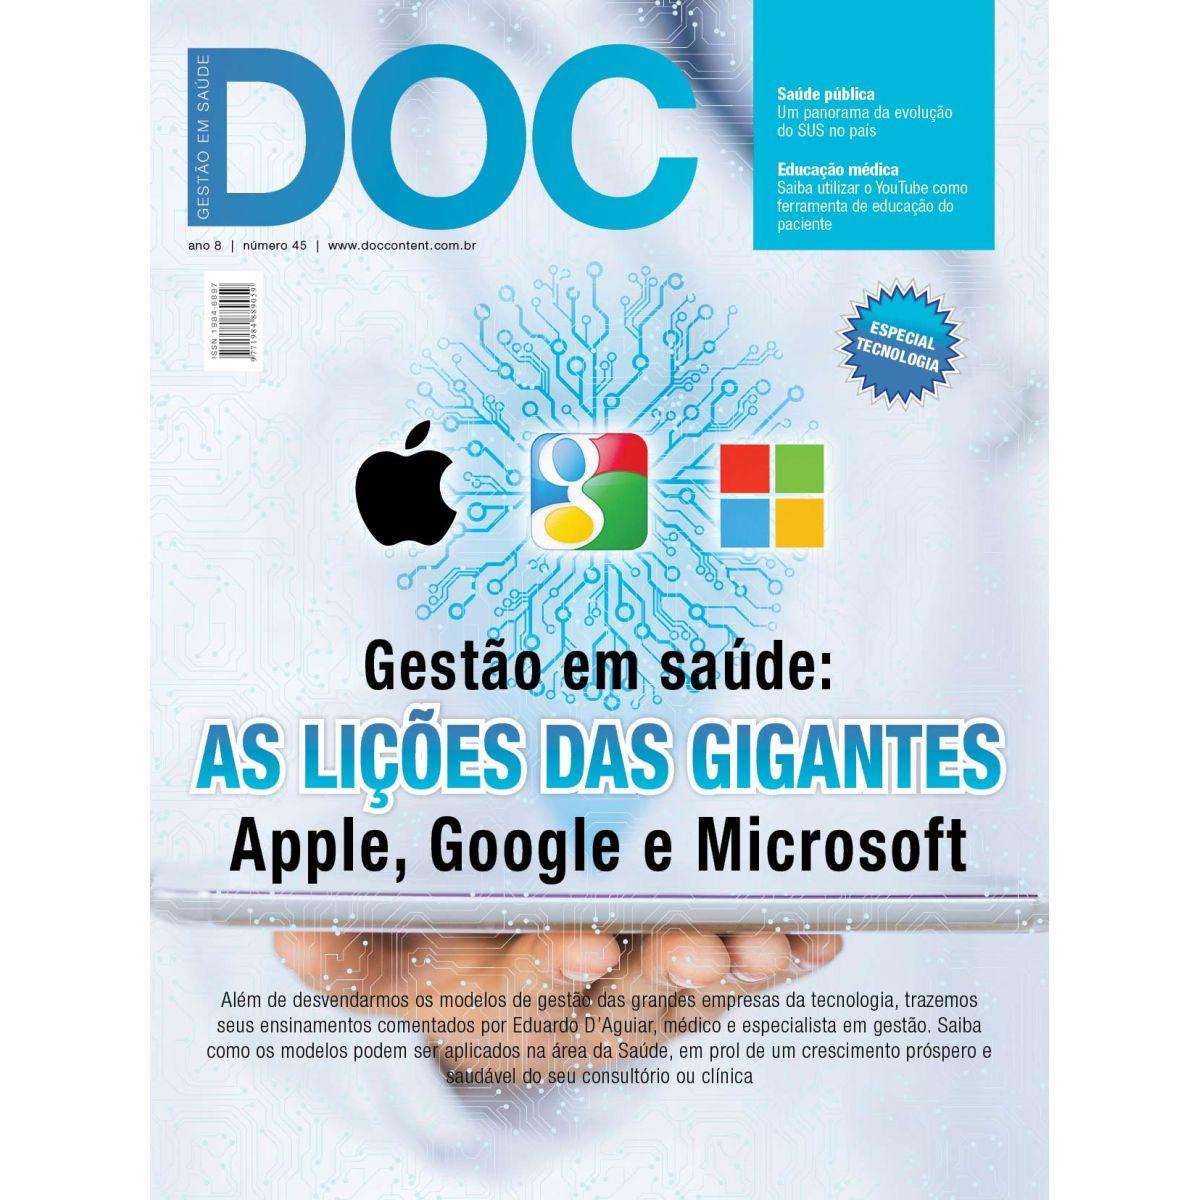 REVISTA DOC - Edição 45#  - DOC Content Webstore